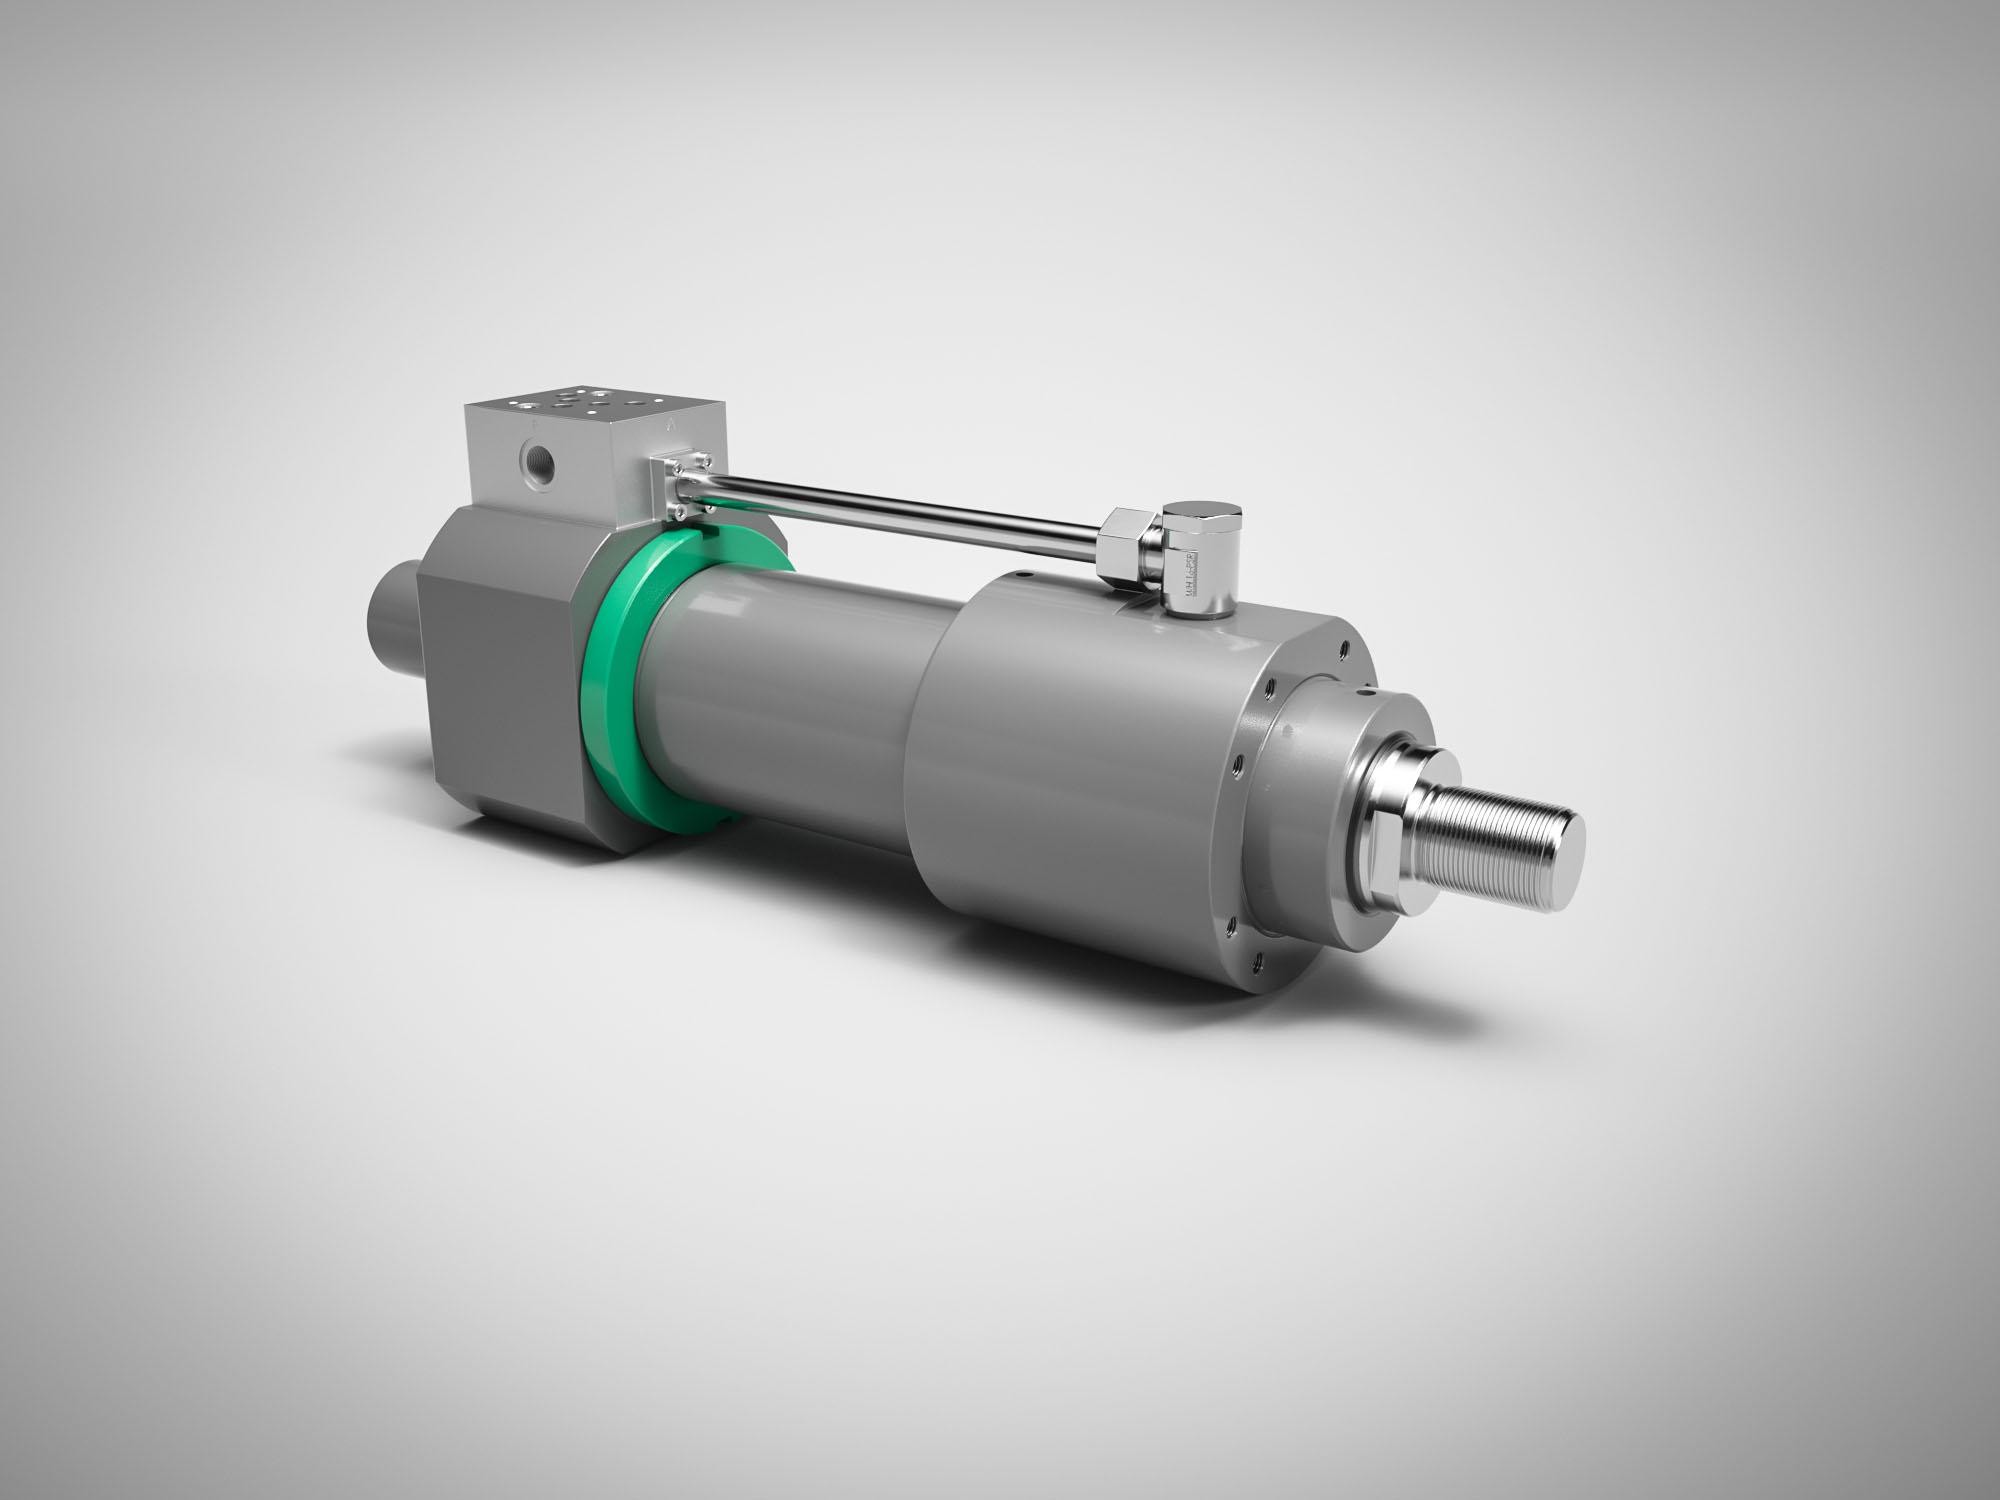 differentialzylinder_zbd1606_zwas1611_